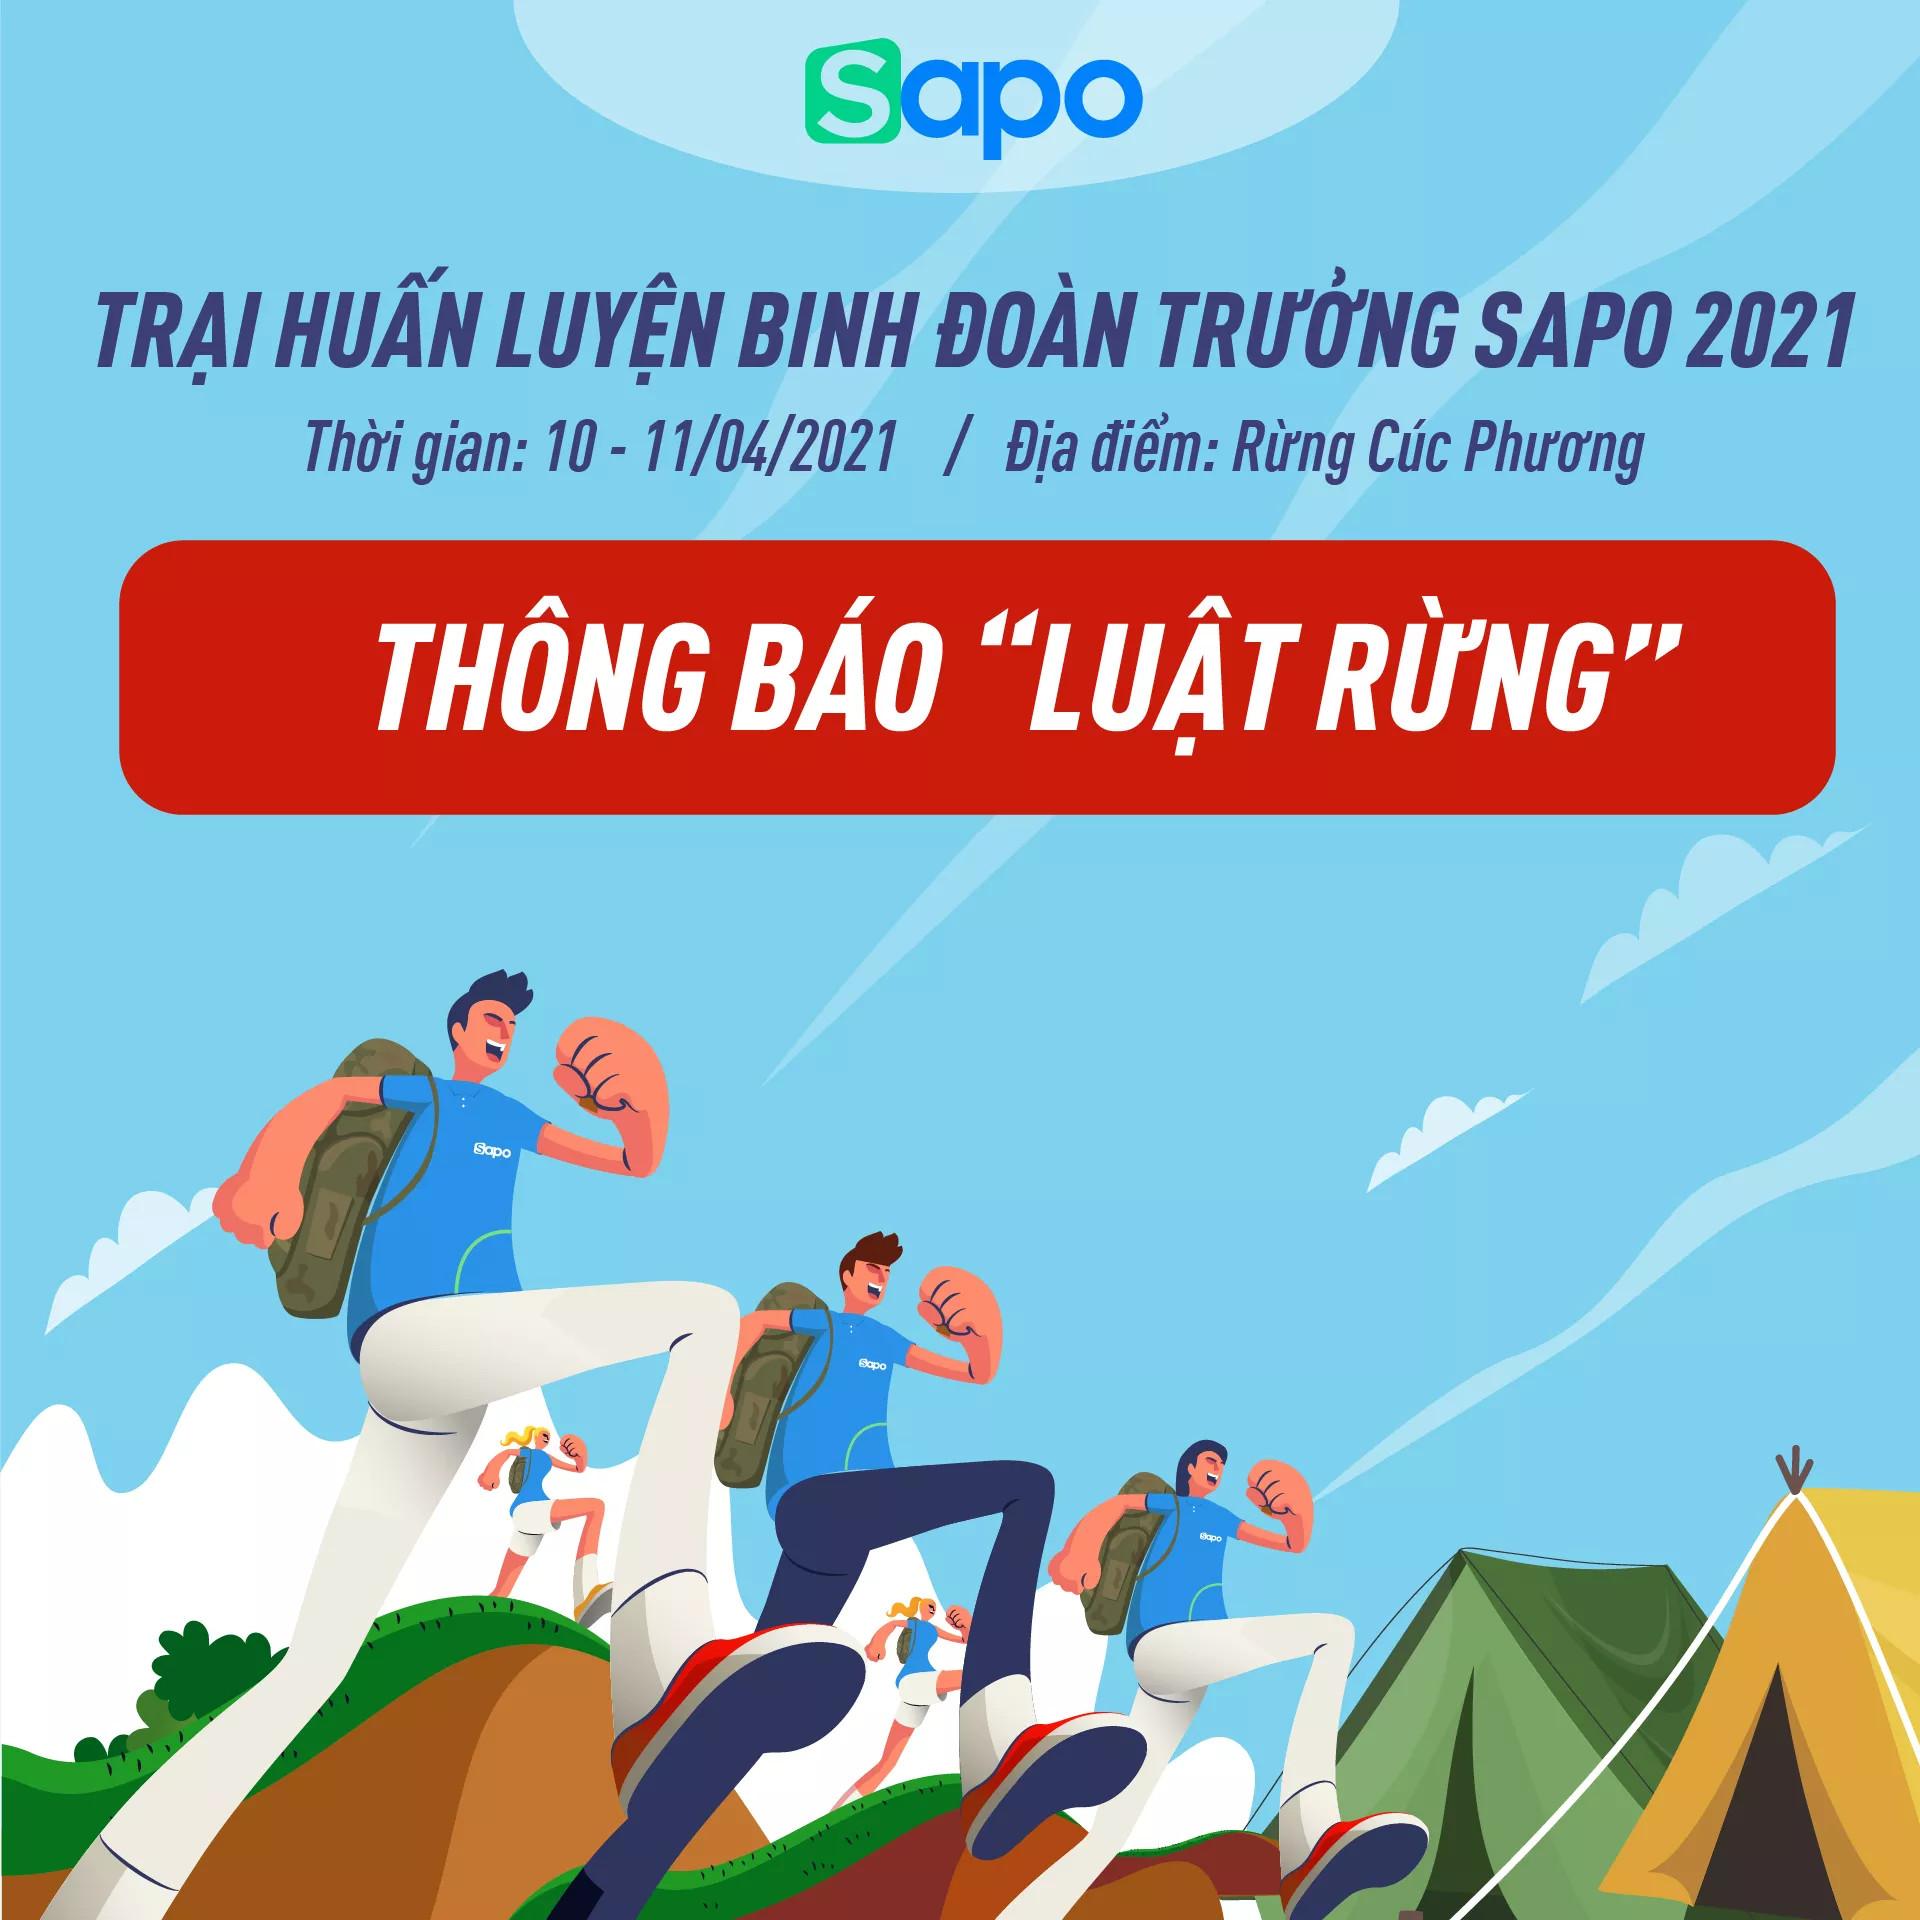 Thông tin quan trọng trước giờ xuất phát đến Trại huấn luyện binh đoàn trưởng Sapo 2021.